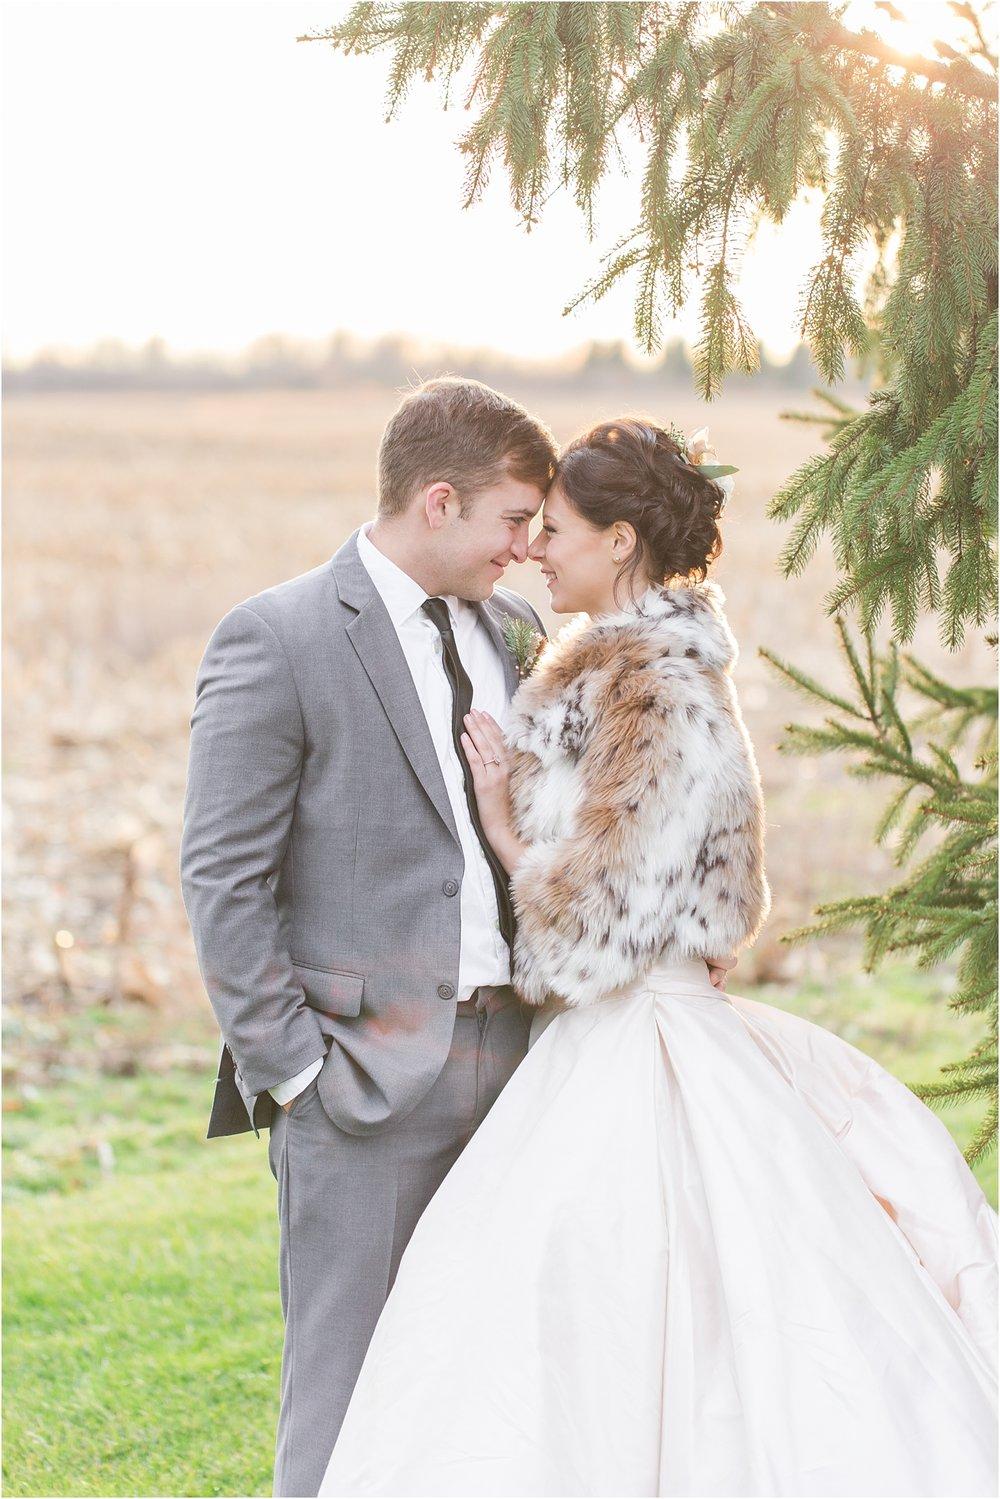 elegant-classic-timeless-candid-winter-wedding-photos-in-ann-arbor-mi-by-courtney-carolyn-photography_0048.jpg